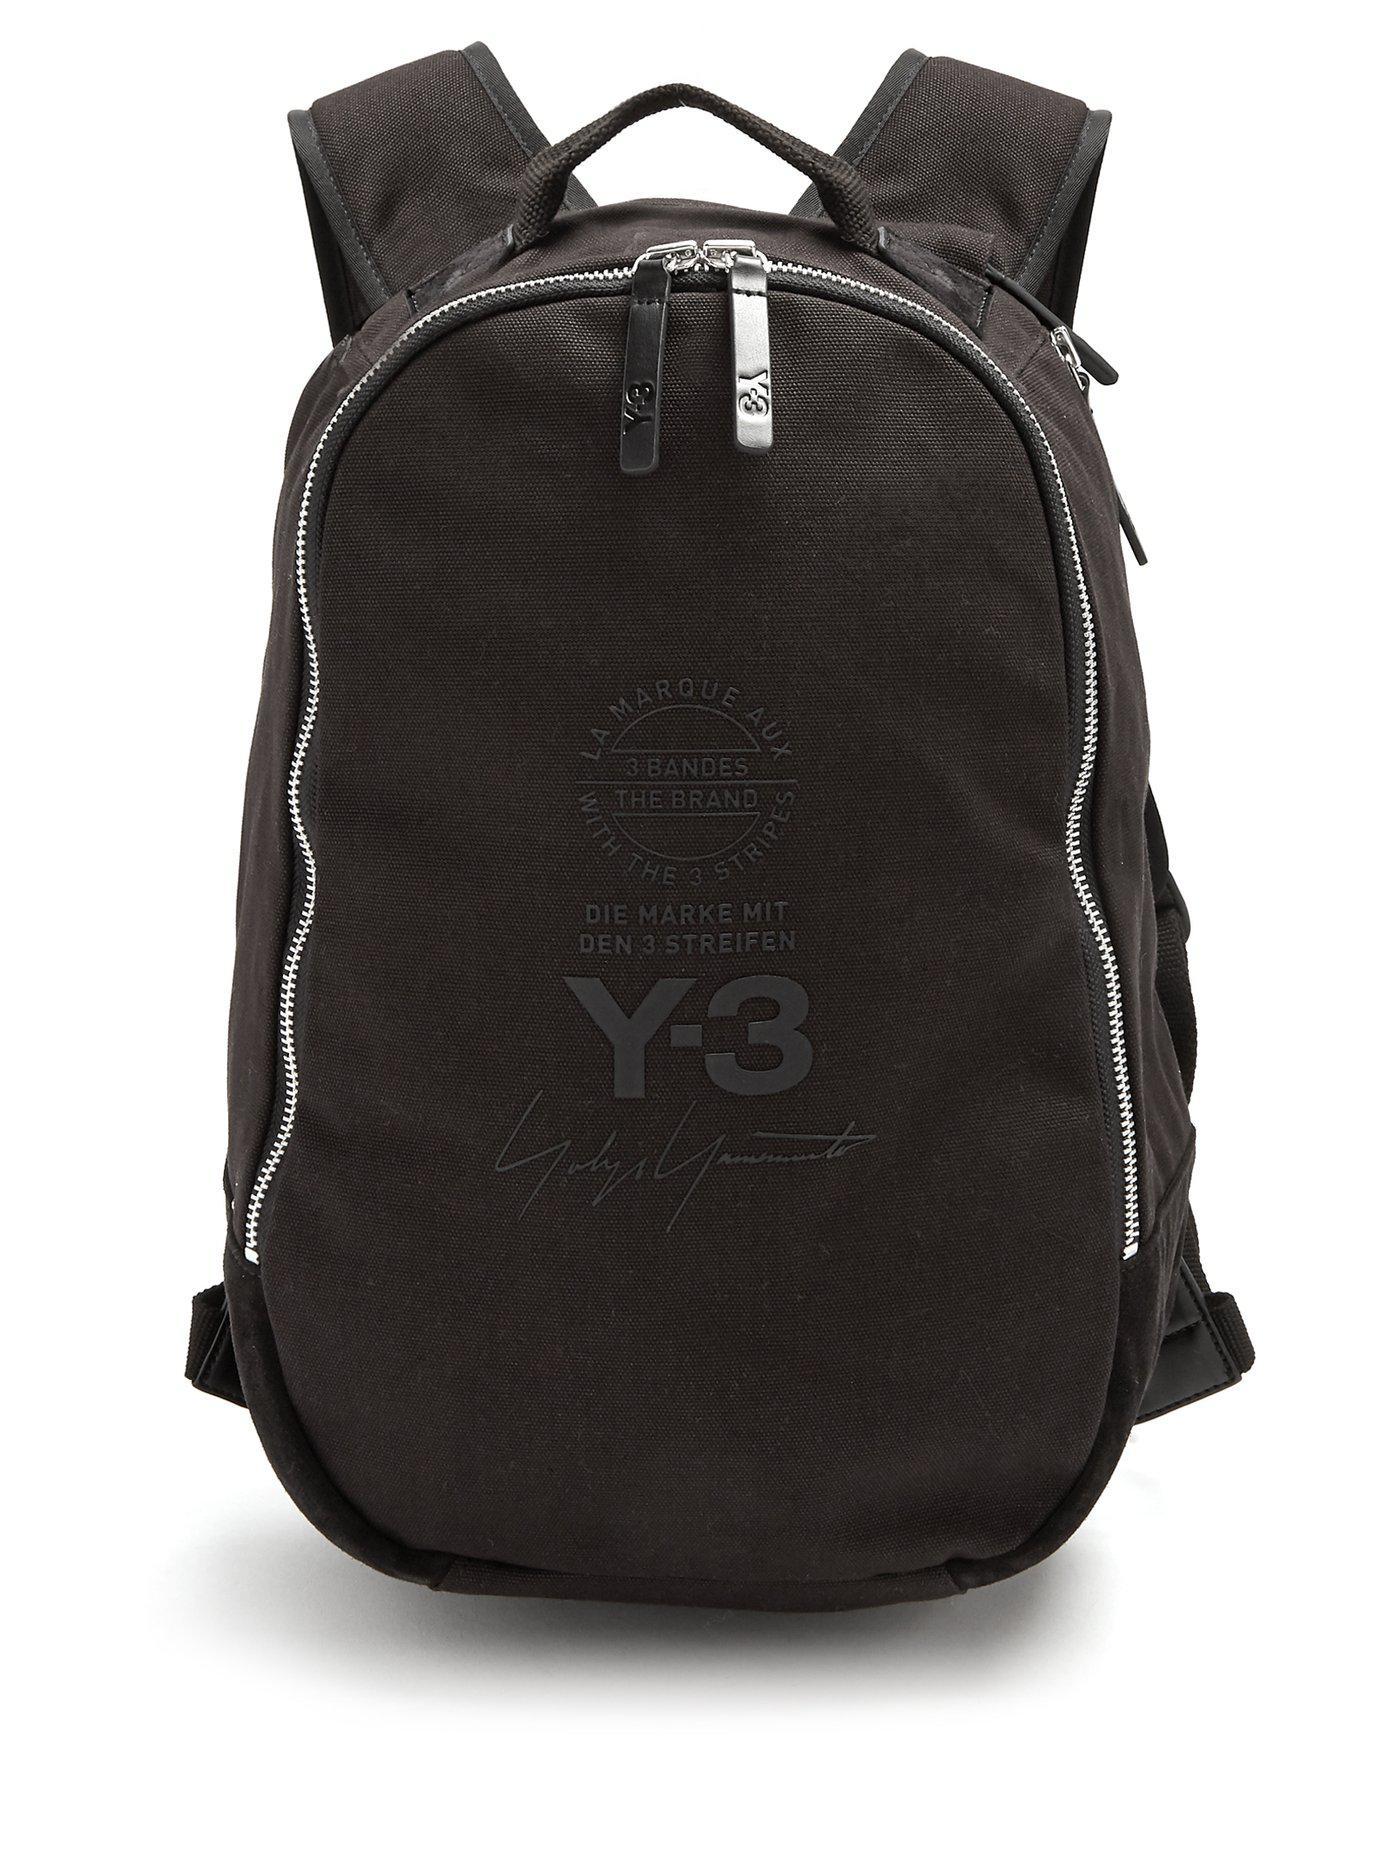 Lyst - Sac à dos en toile Y-3 pour homme en coloris Noir bf0b3c76e457b